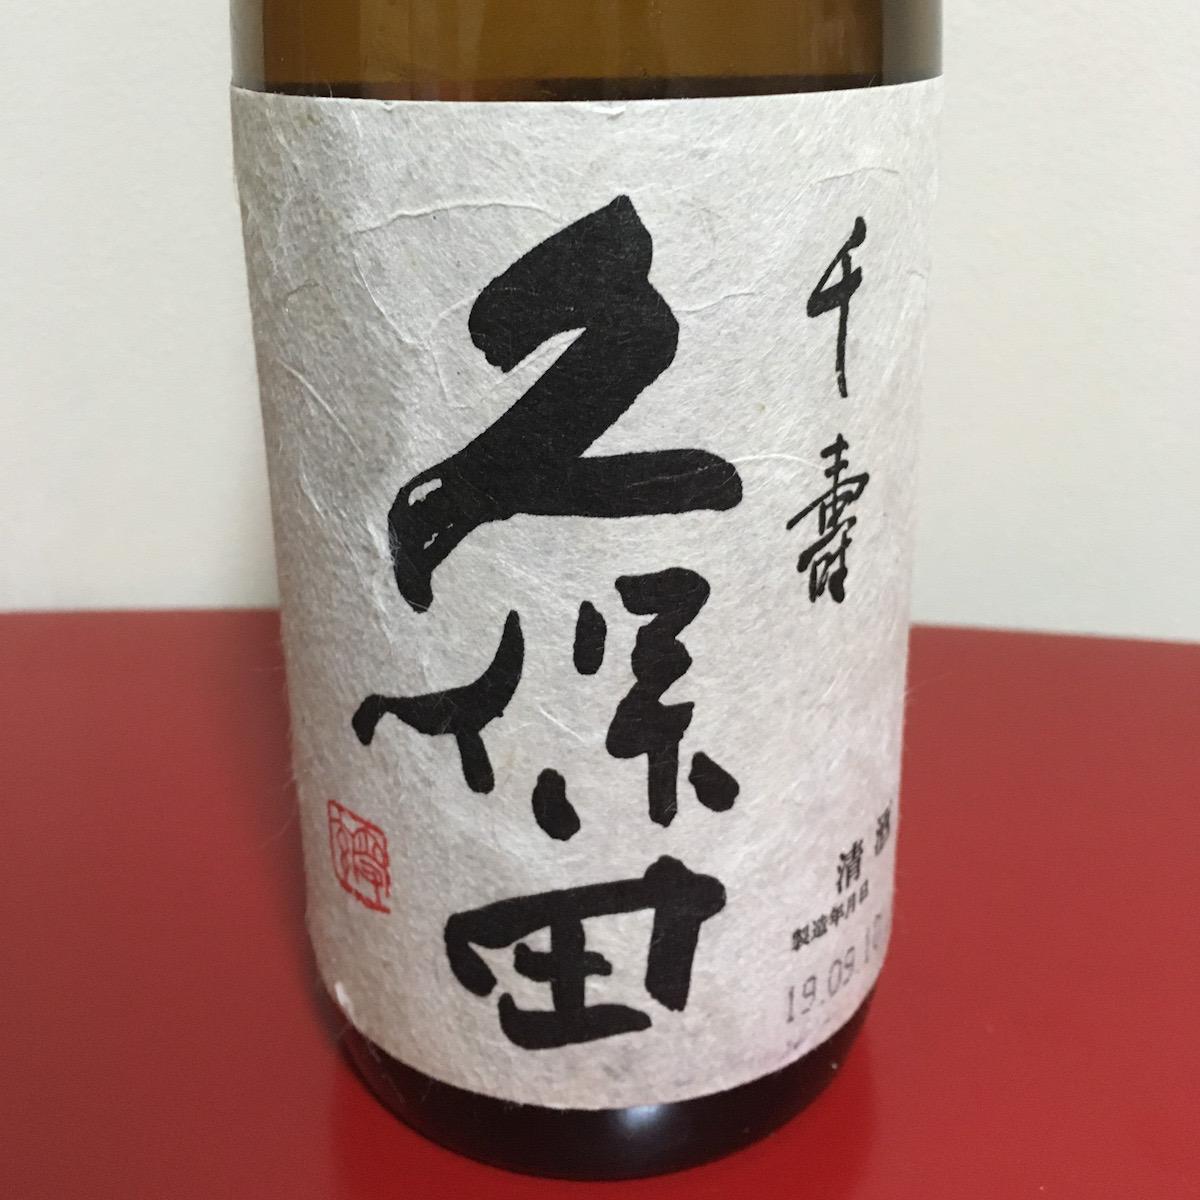 今年最後の日本酒は「久保田 千寿」すっきりとした飲み口